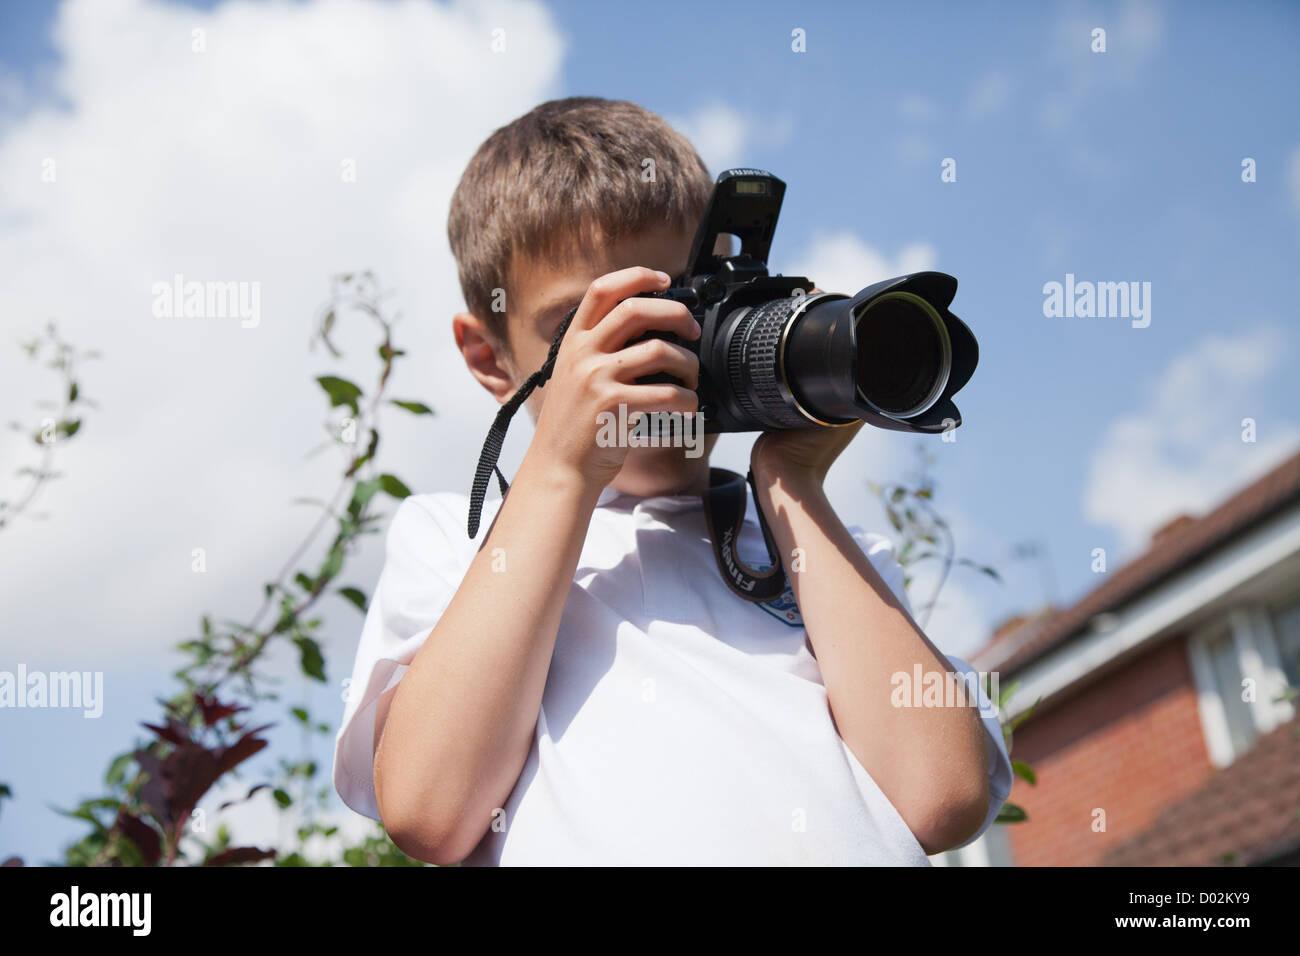 Le jeune photographe de prendre des photos Photo Stock